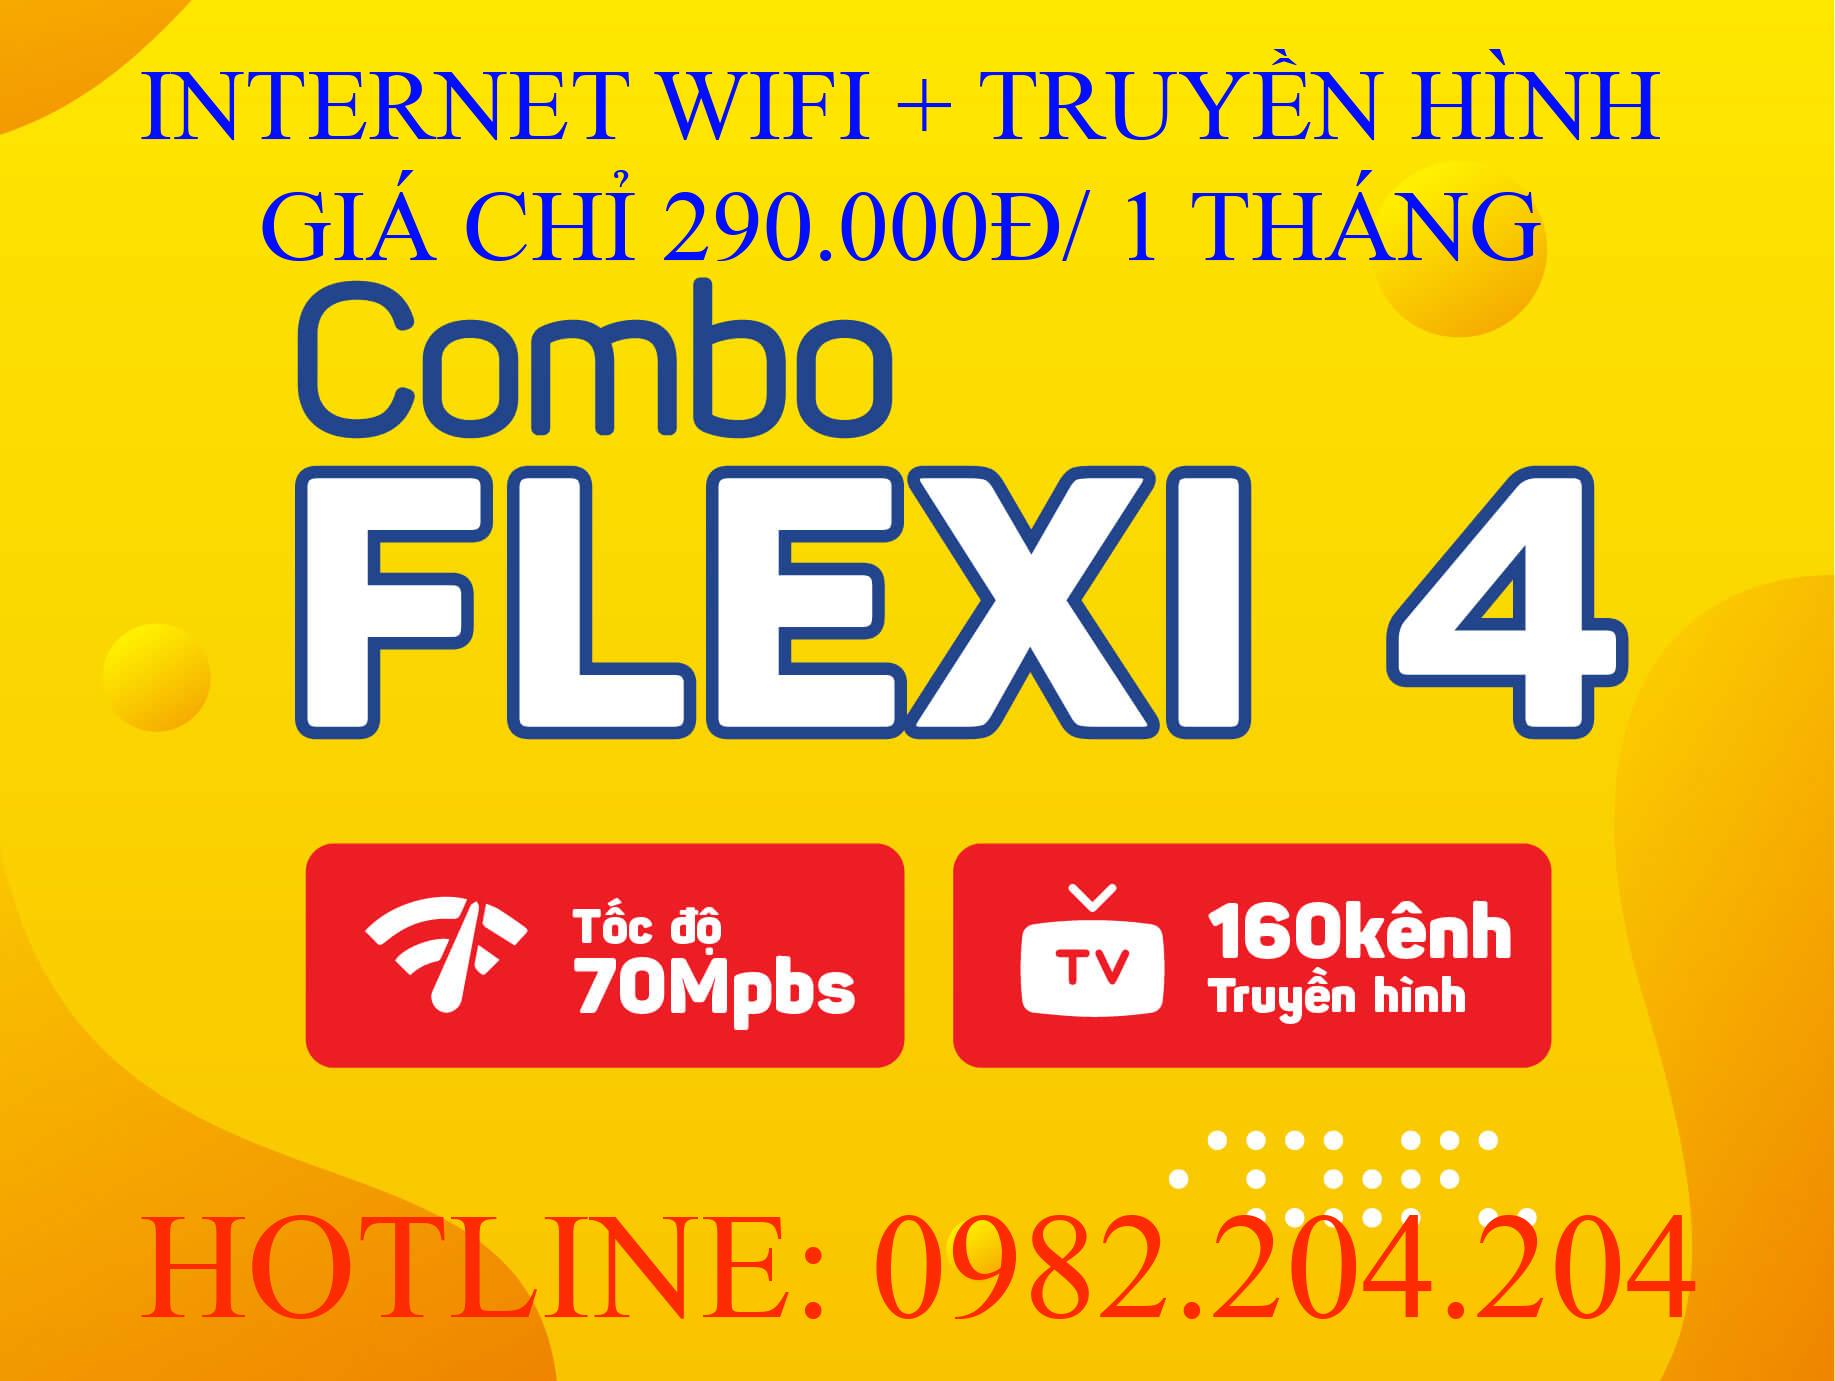 Lắp wifi Viettel combo flexi 4 kèm truyền hình